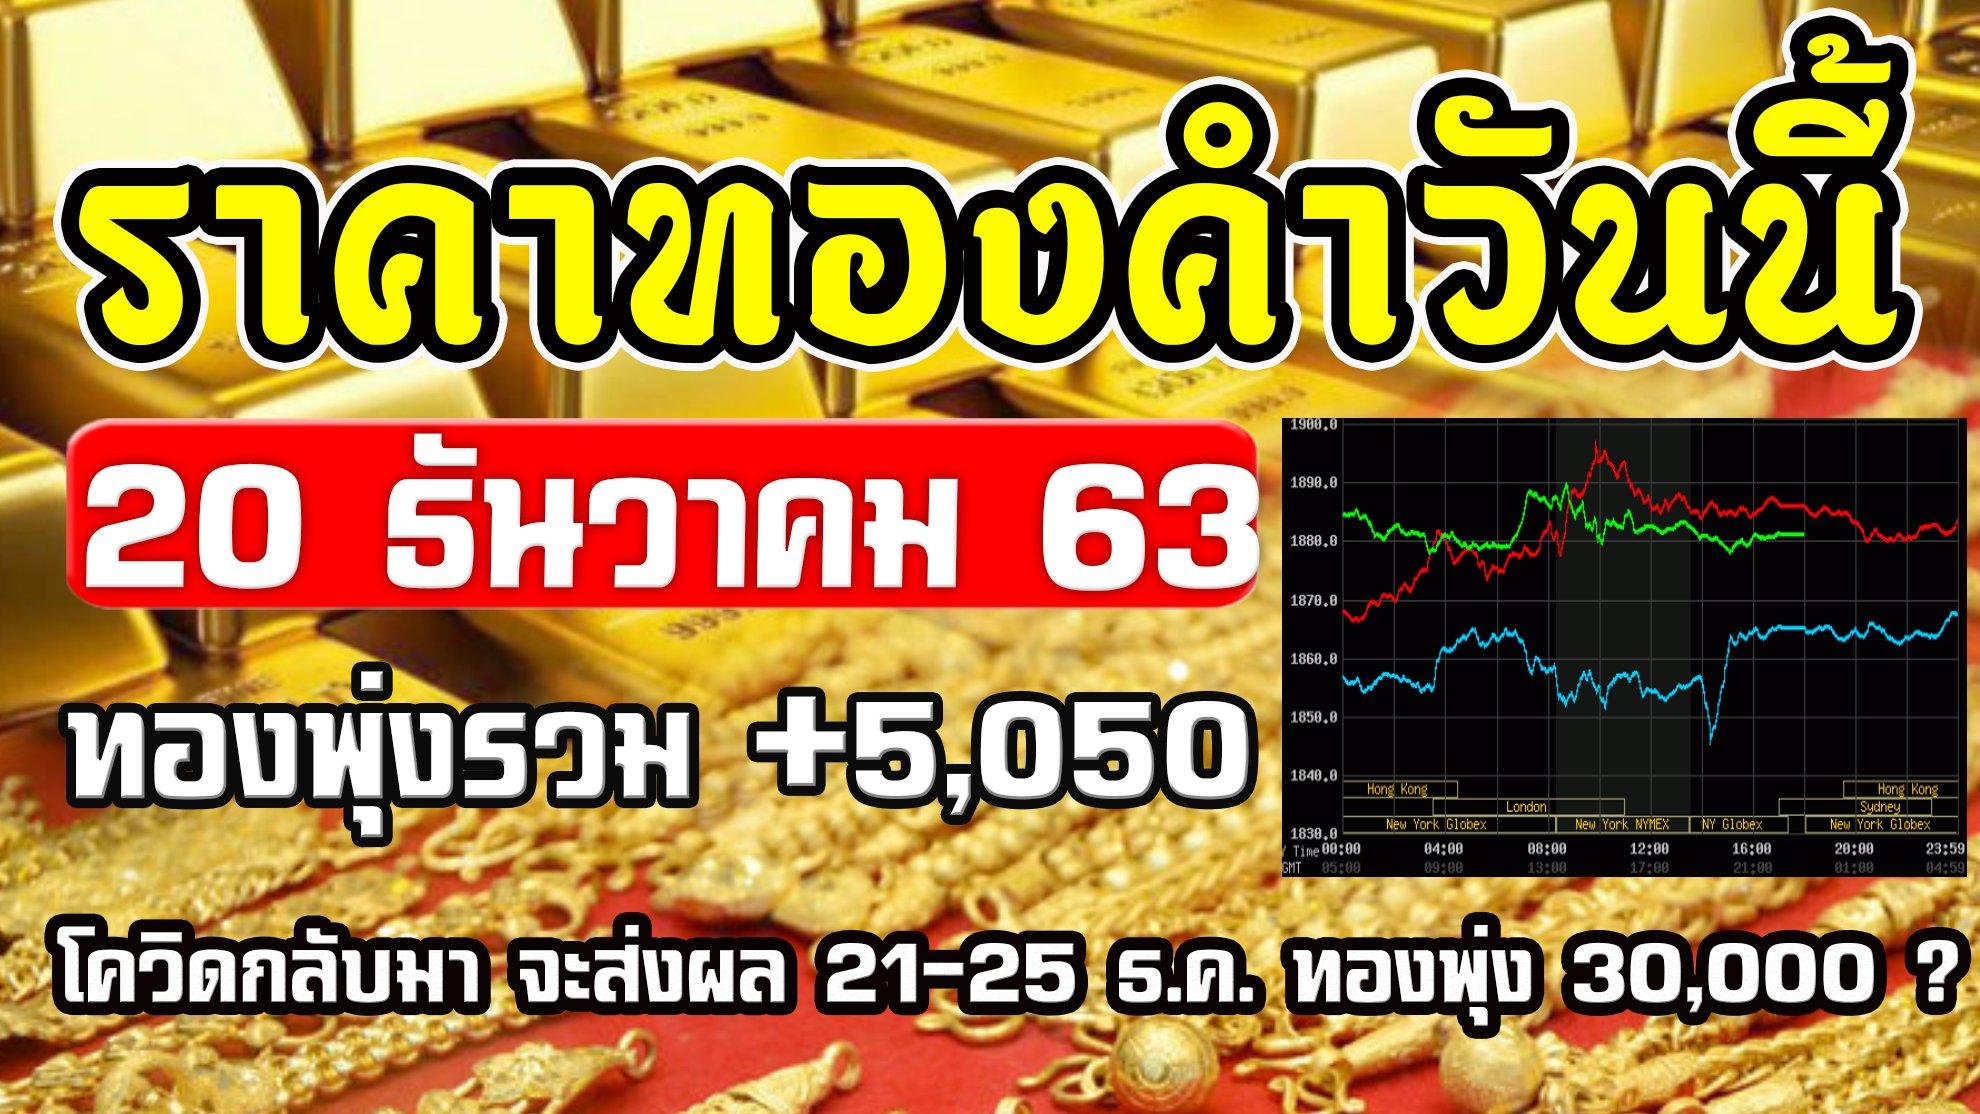 ราคาทองวันนี้ 20/12/63 ราคาทองคำวันนี้ 20ธันวาคม63 ราคาทองล่าสุด วิเคราะห์ทอง แนวโน้มราคาทองวันนี้